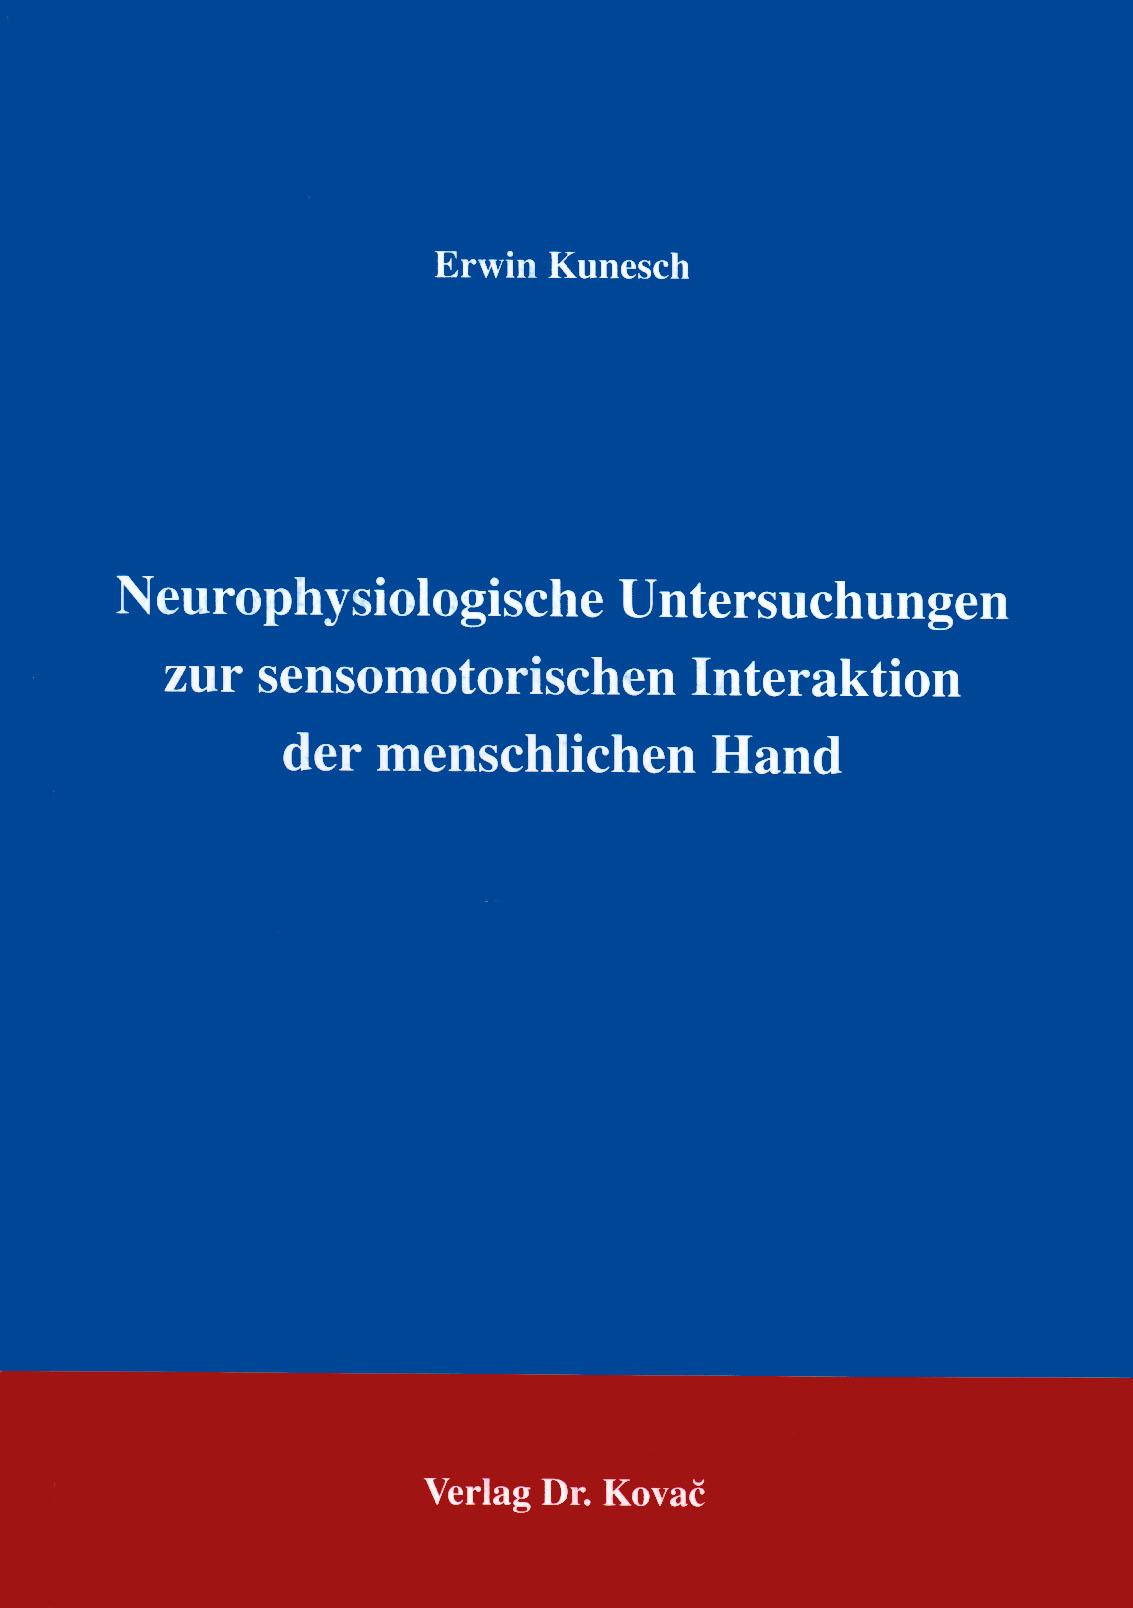 Cover: Neurophysiologische Untersuchungen zur sensomotorischen Interaktion der menschlichen Hand